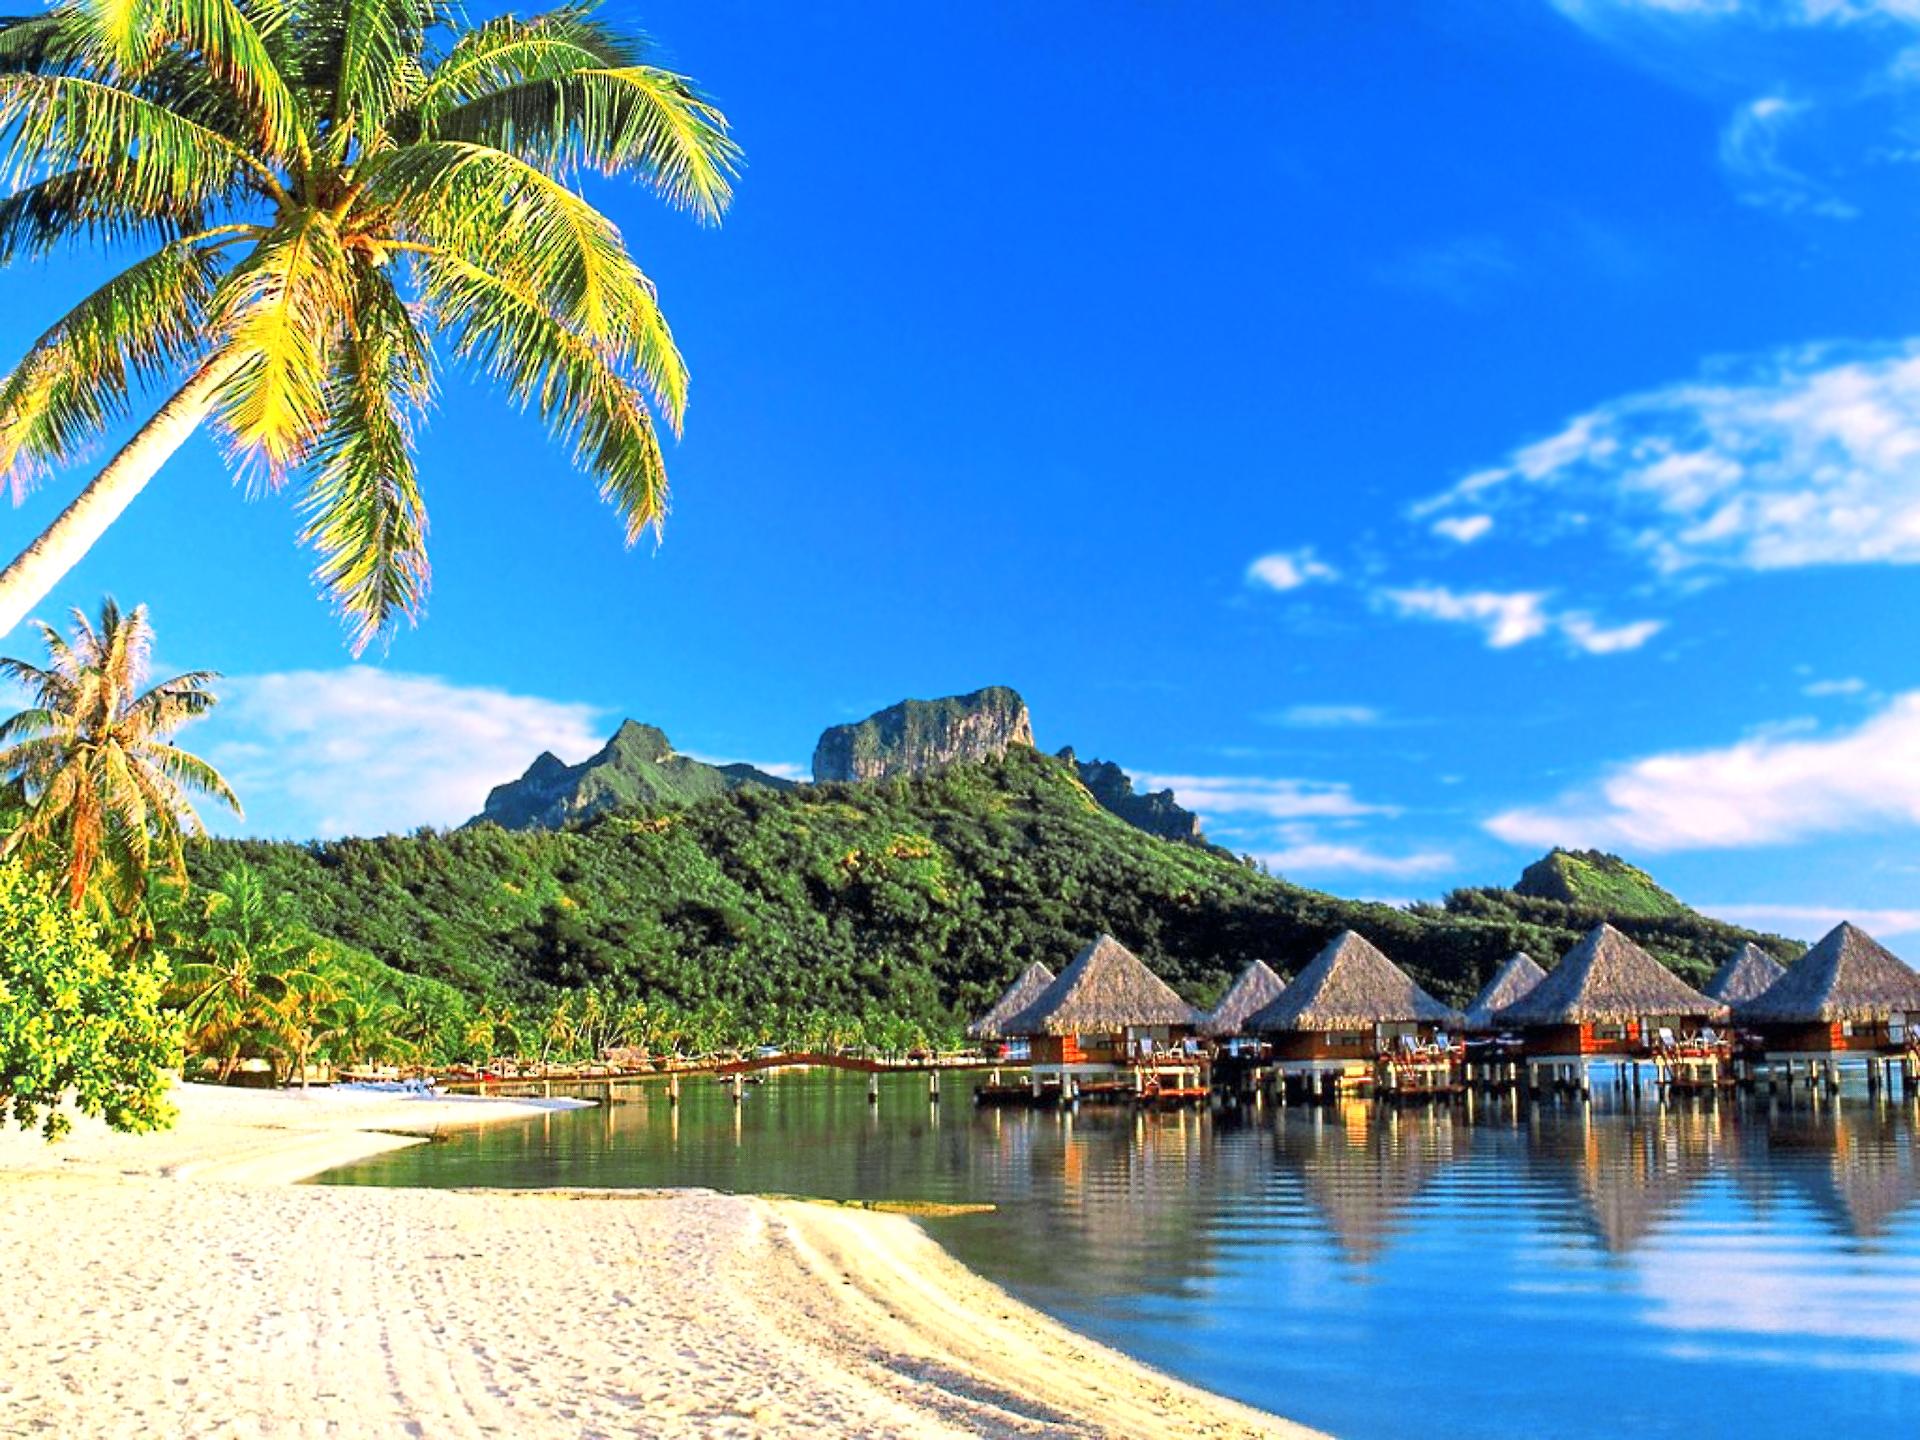 открытость обои на рабочий стол пляж море пальмы бунгало смешного просто